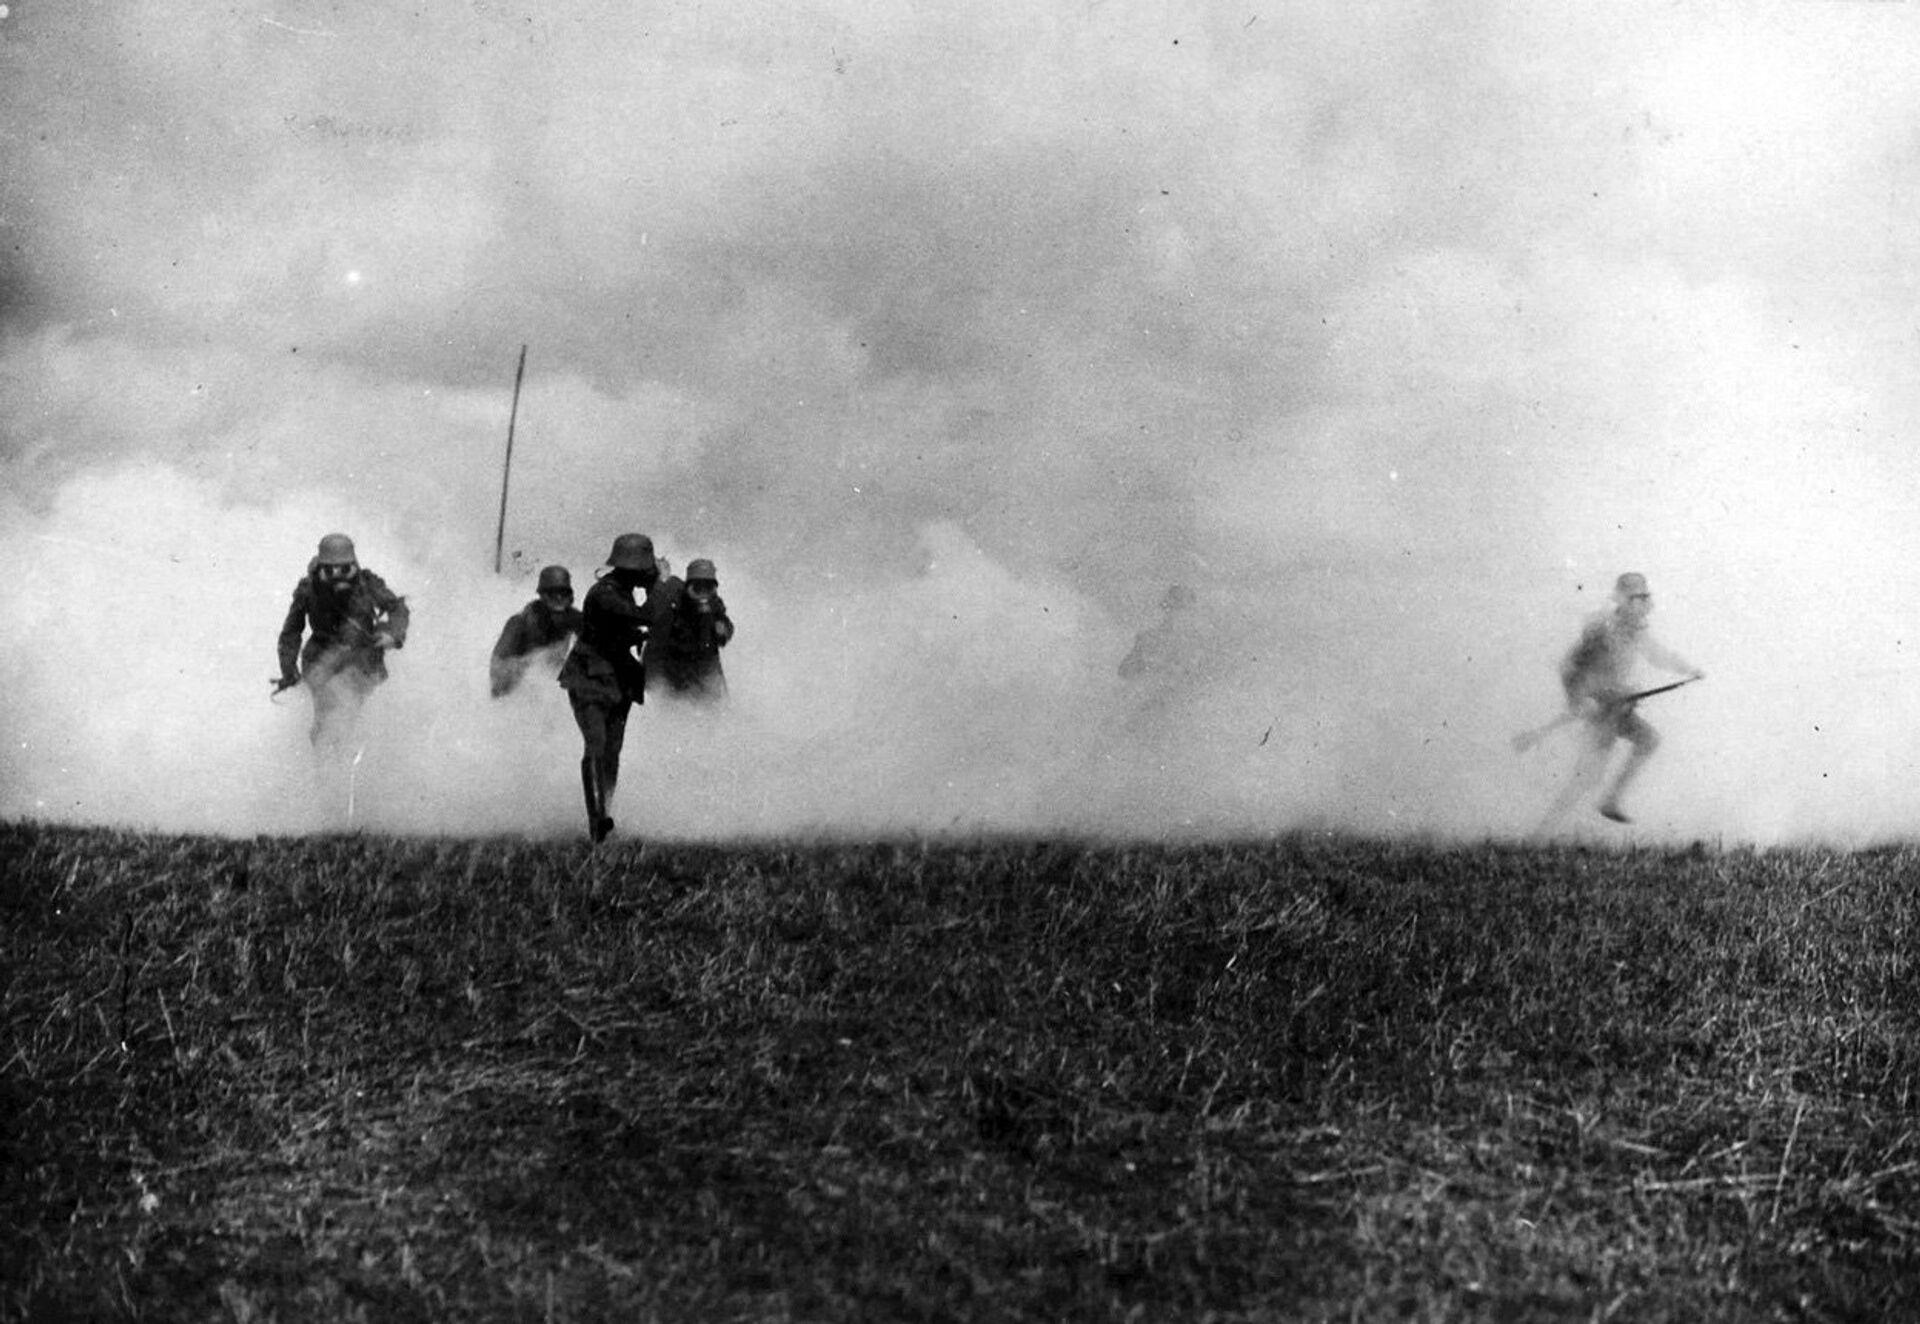 Немецкие солдаты во время газовой атаки - РИА Новости, 1920, 11.07.2021